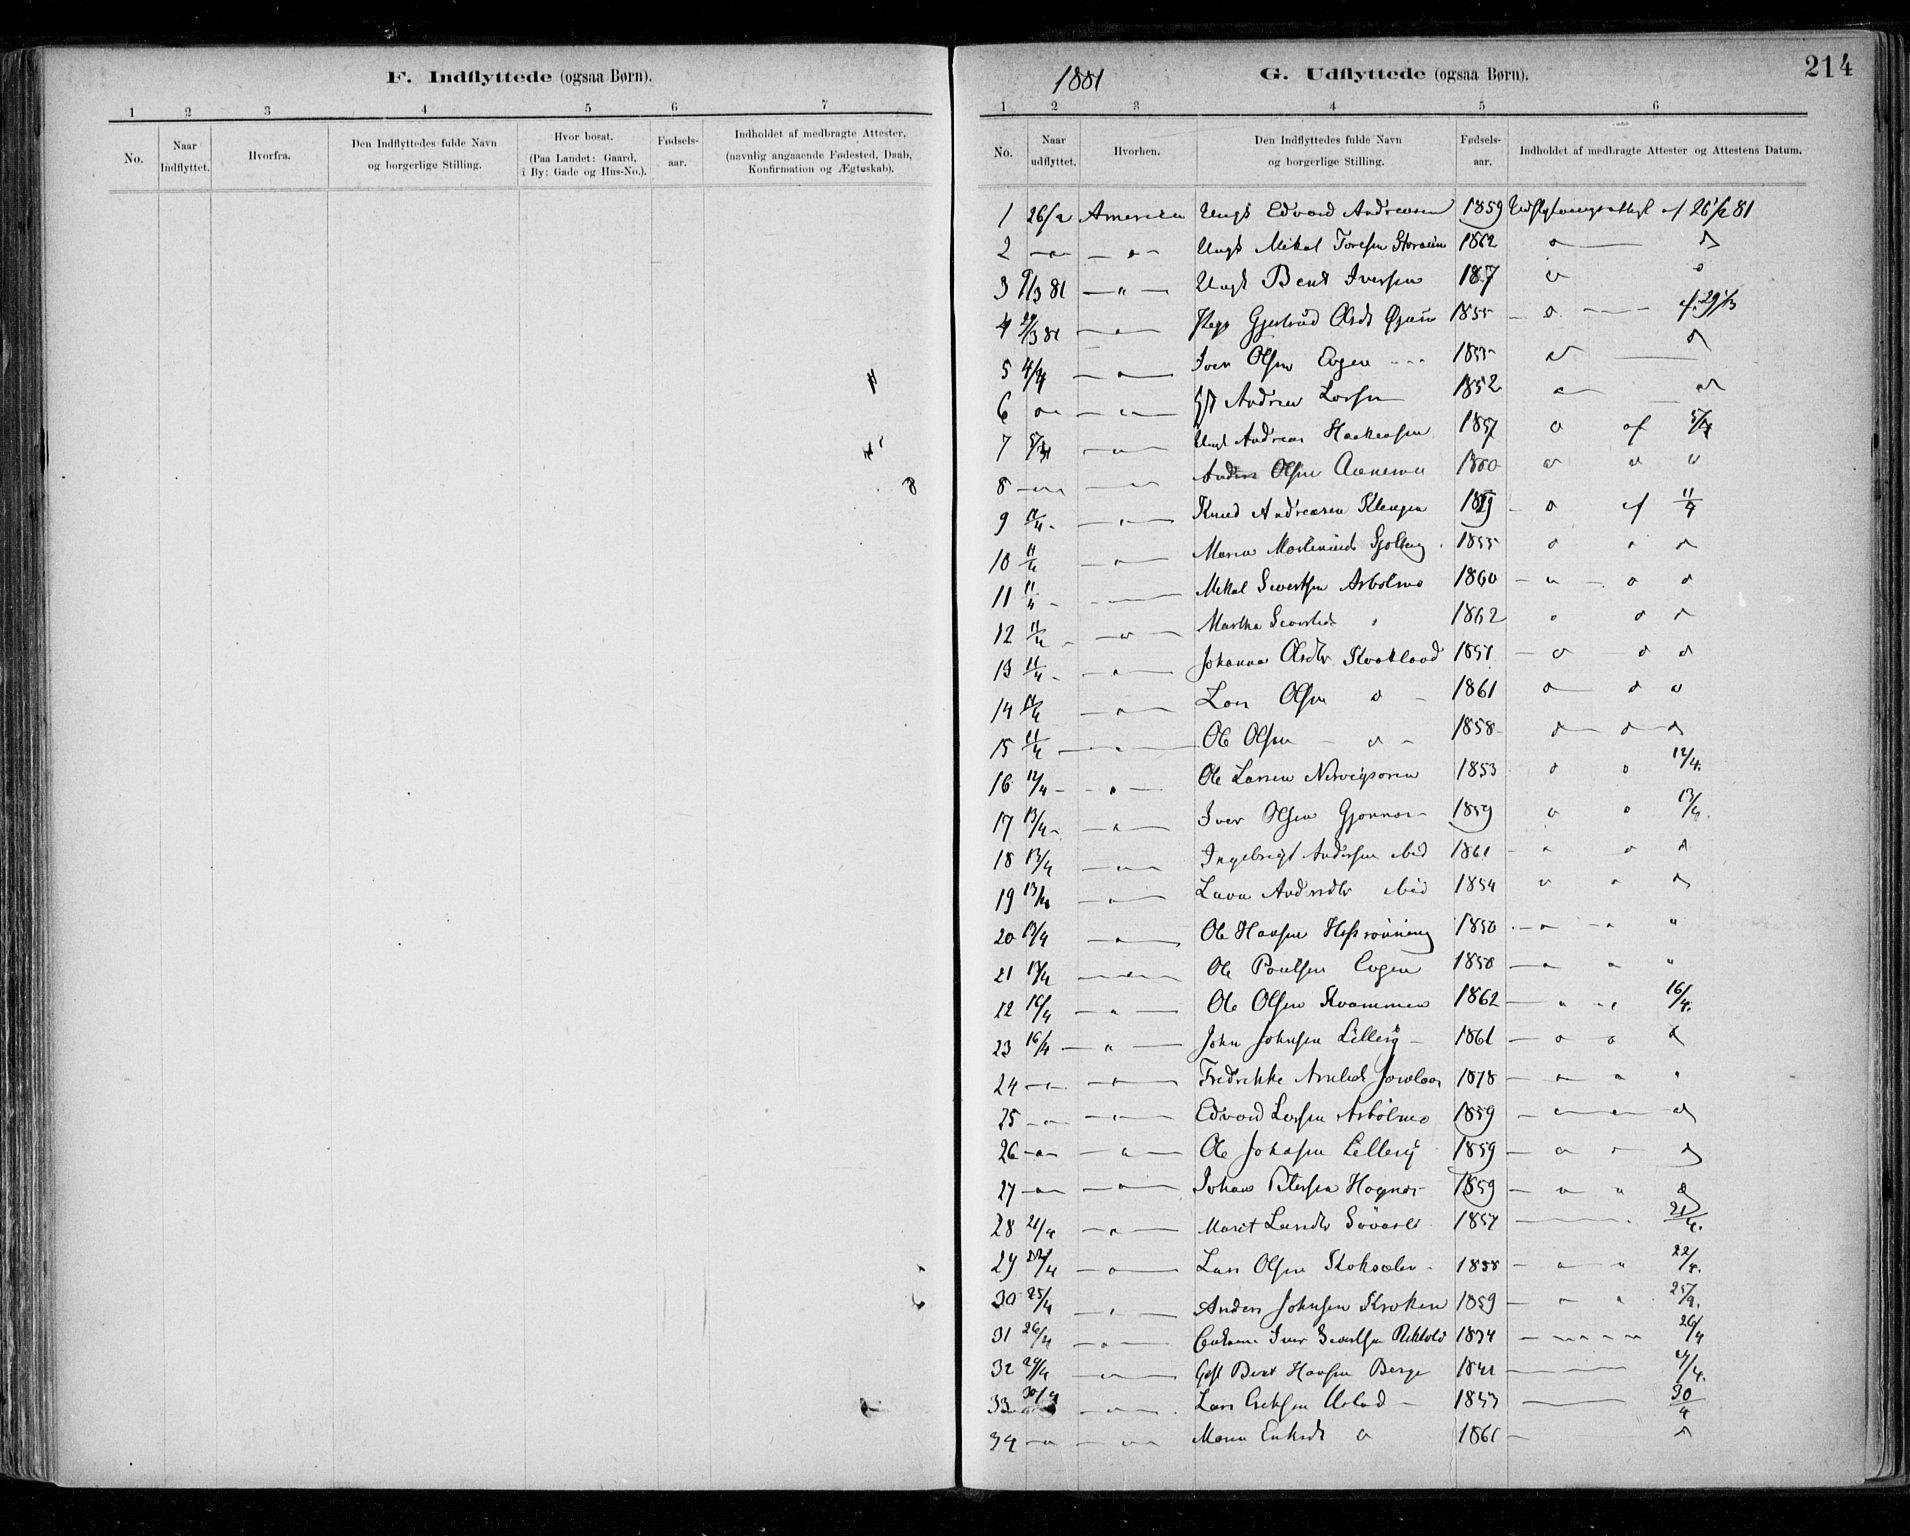 SAT, Ministerialprotokoller, klokkerbøker og fødselsregistre - Sør-Trøndelag, 668/L0810: Ministerialbok nr. 668A10, 1881-1894, s. 214